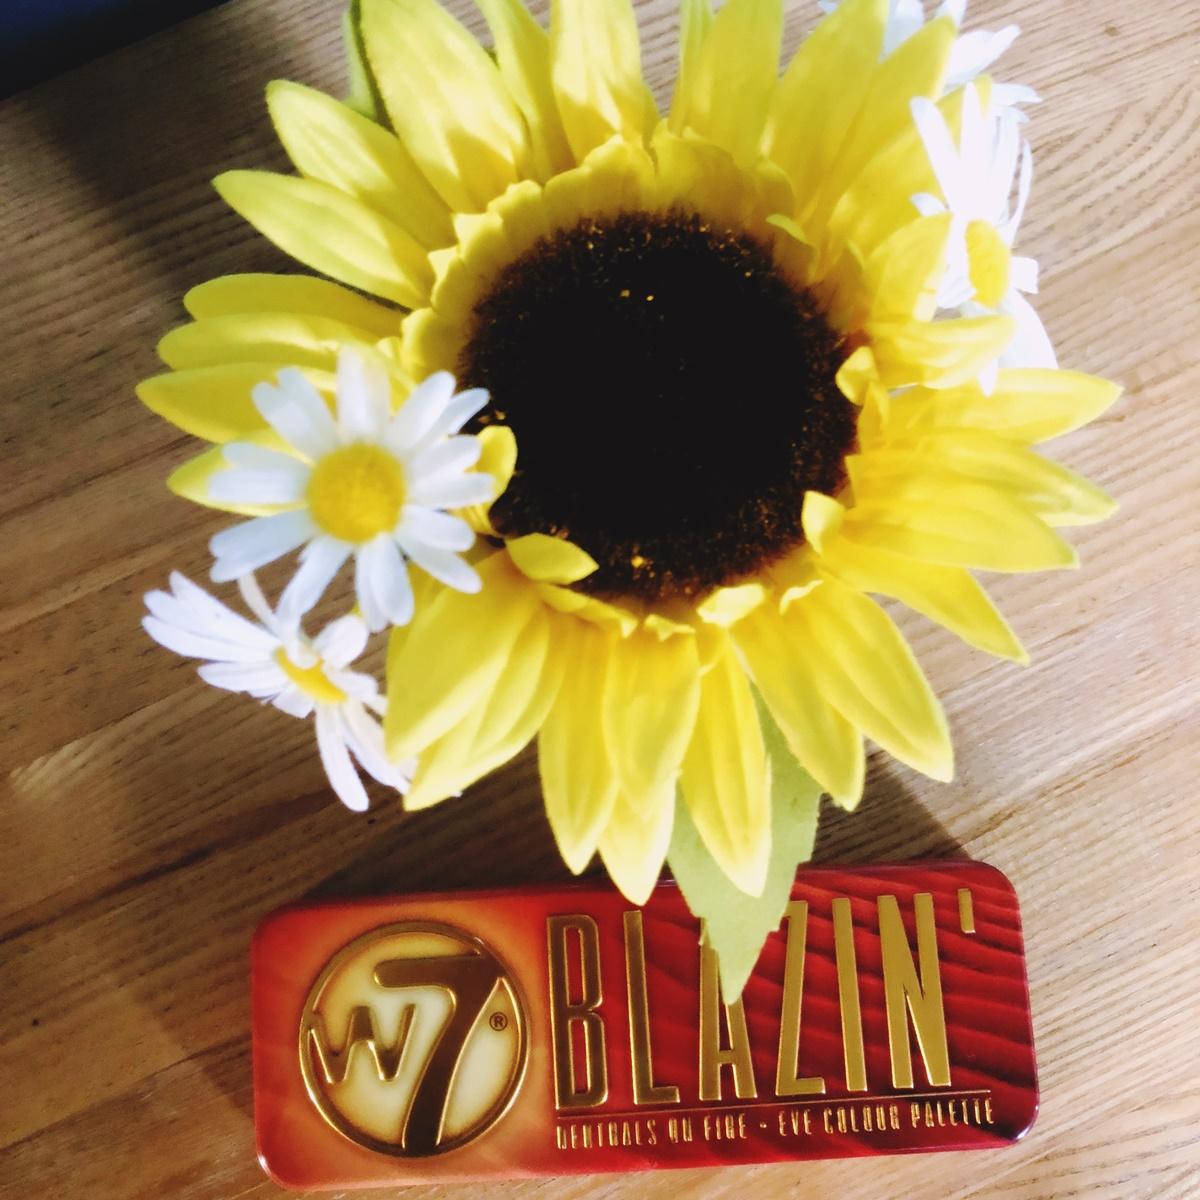 w7 cosmetics blazin image